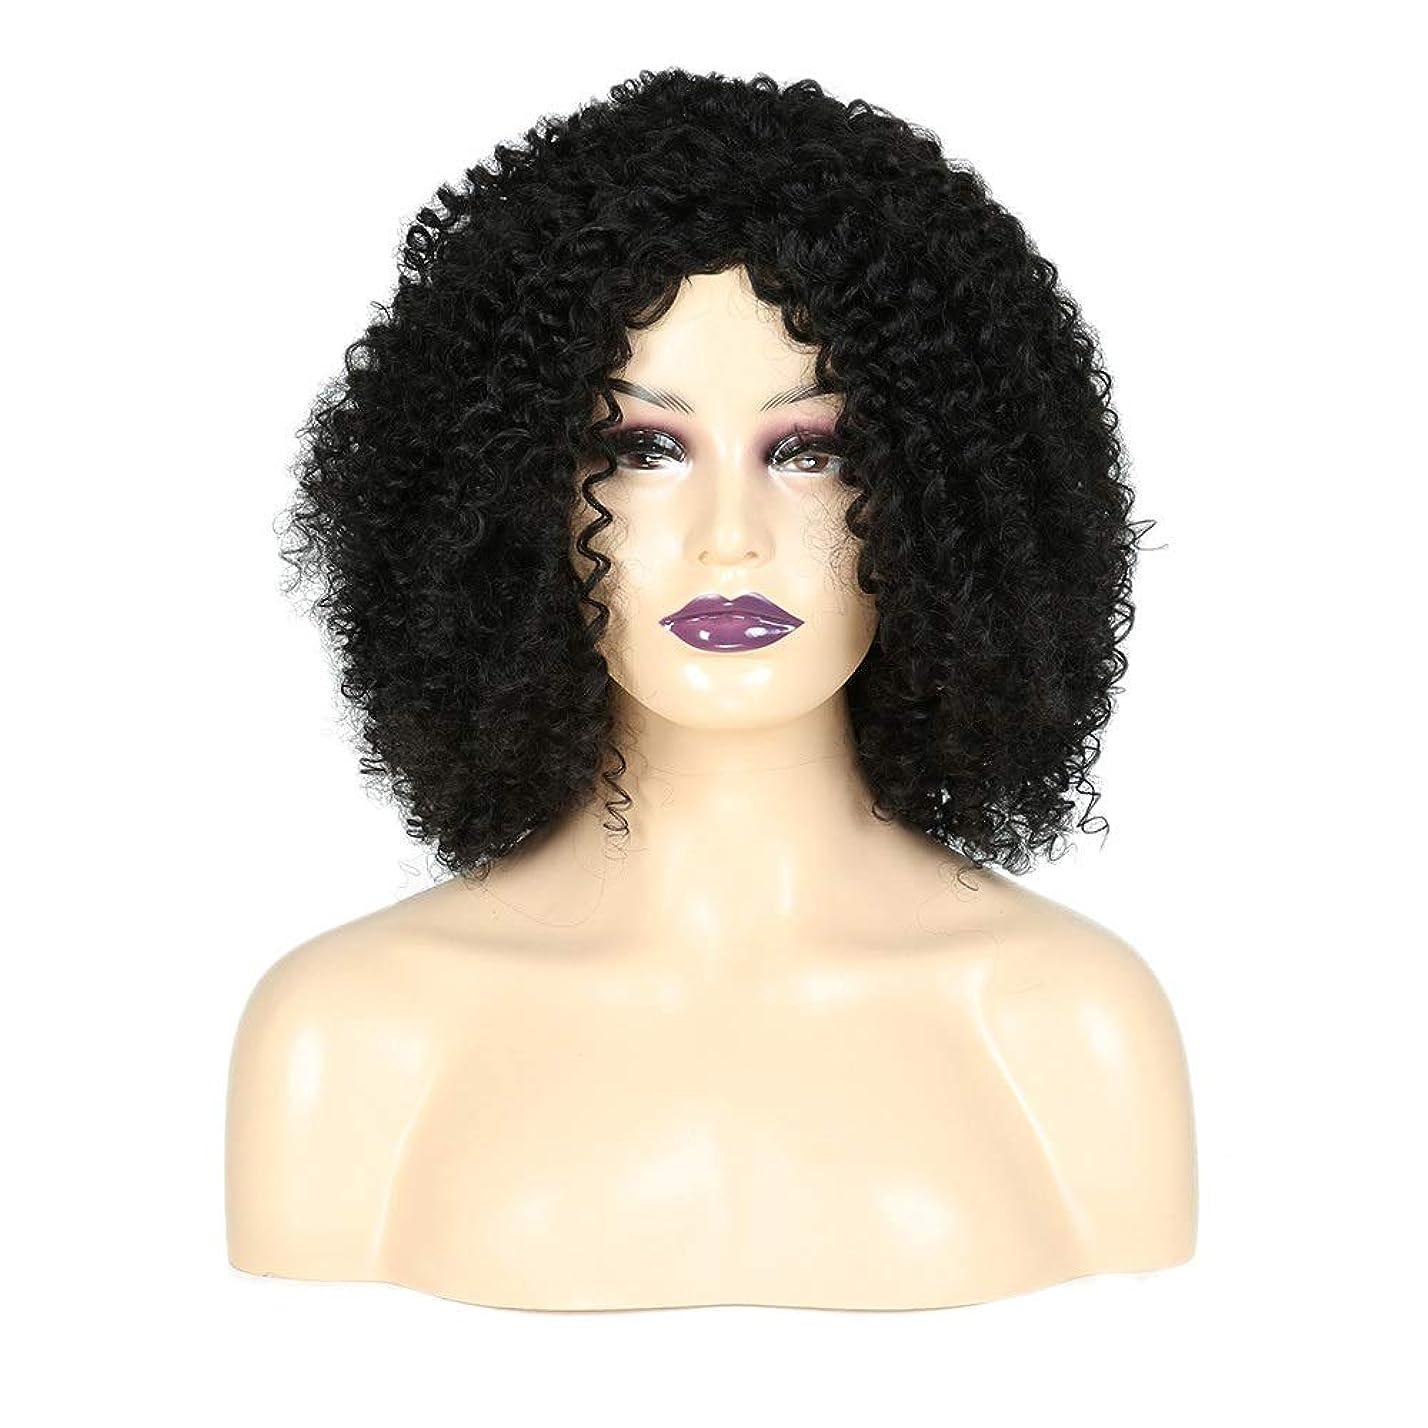 合理的メンタルグラスかつら 人工毛水の波短いカーリーブラックアフリカ女性の爆発ヘッドフルヘッド毎日コスプレドレス小さな巻き毛のかつら (色 : 黒)